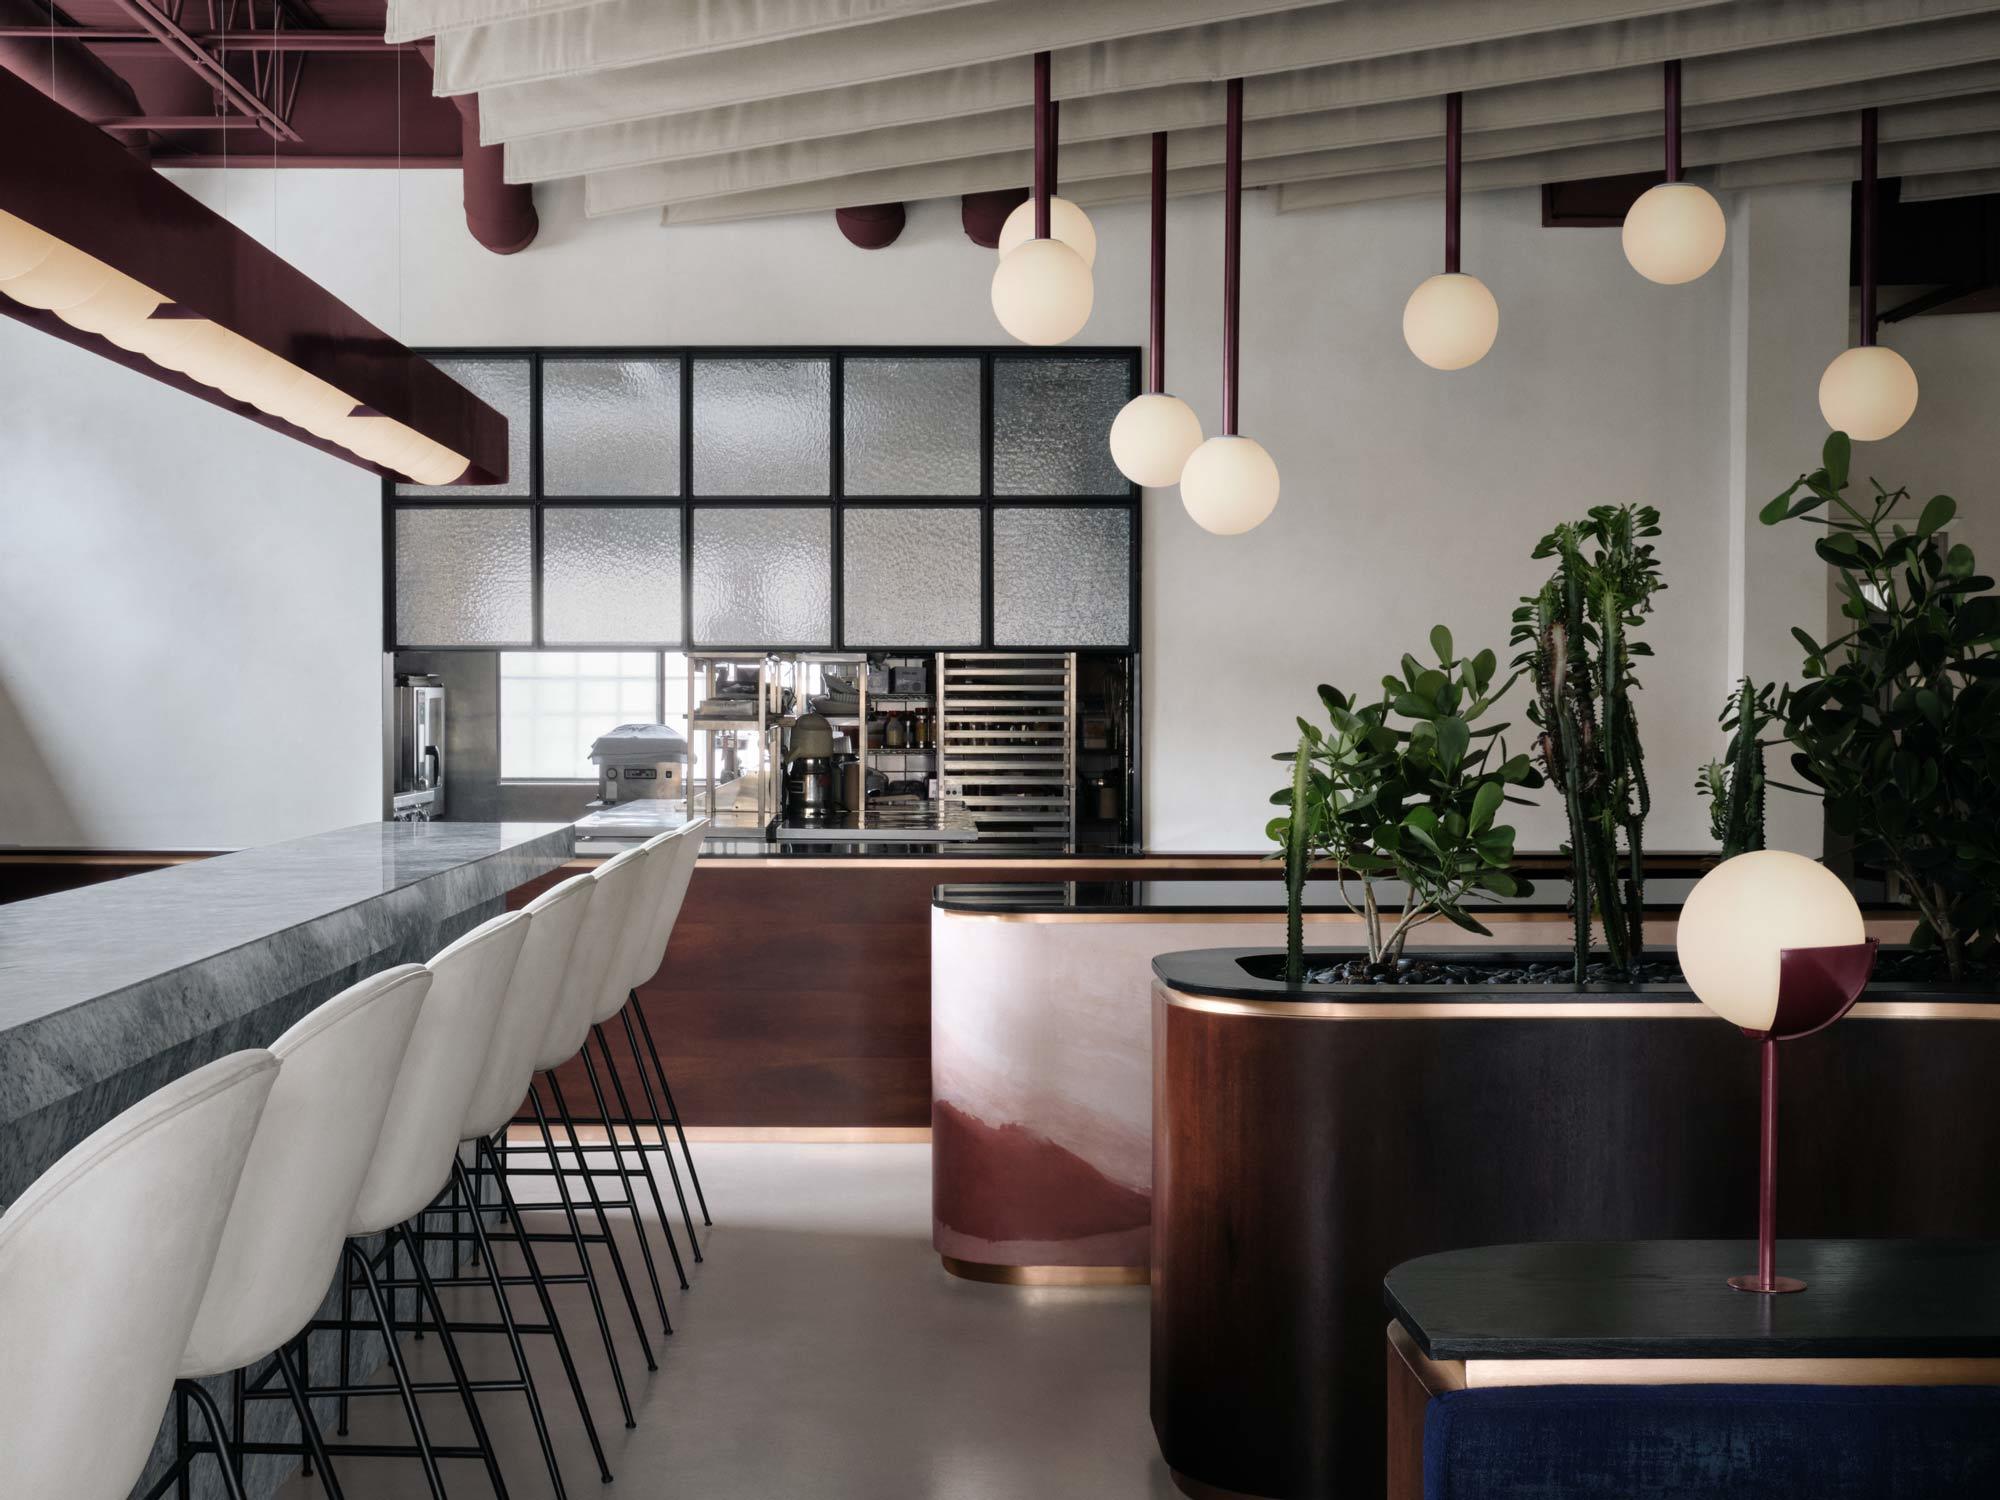 Für das Interieur eines Restaurants im hippen Stadtteil Griffintown ließ sich Ivy Studio aus Montreal von orientalischen Landschaften inspirieren.